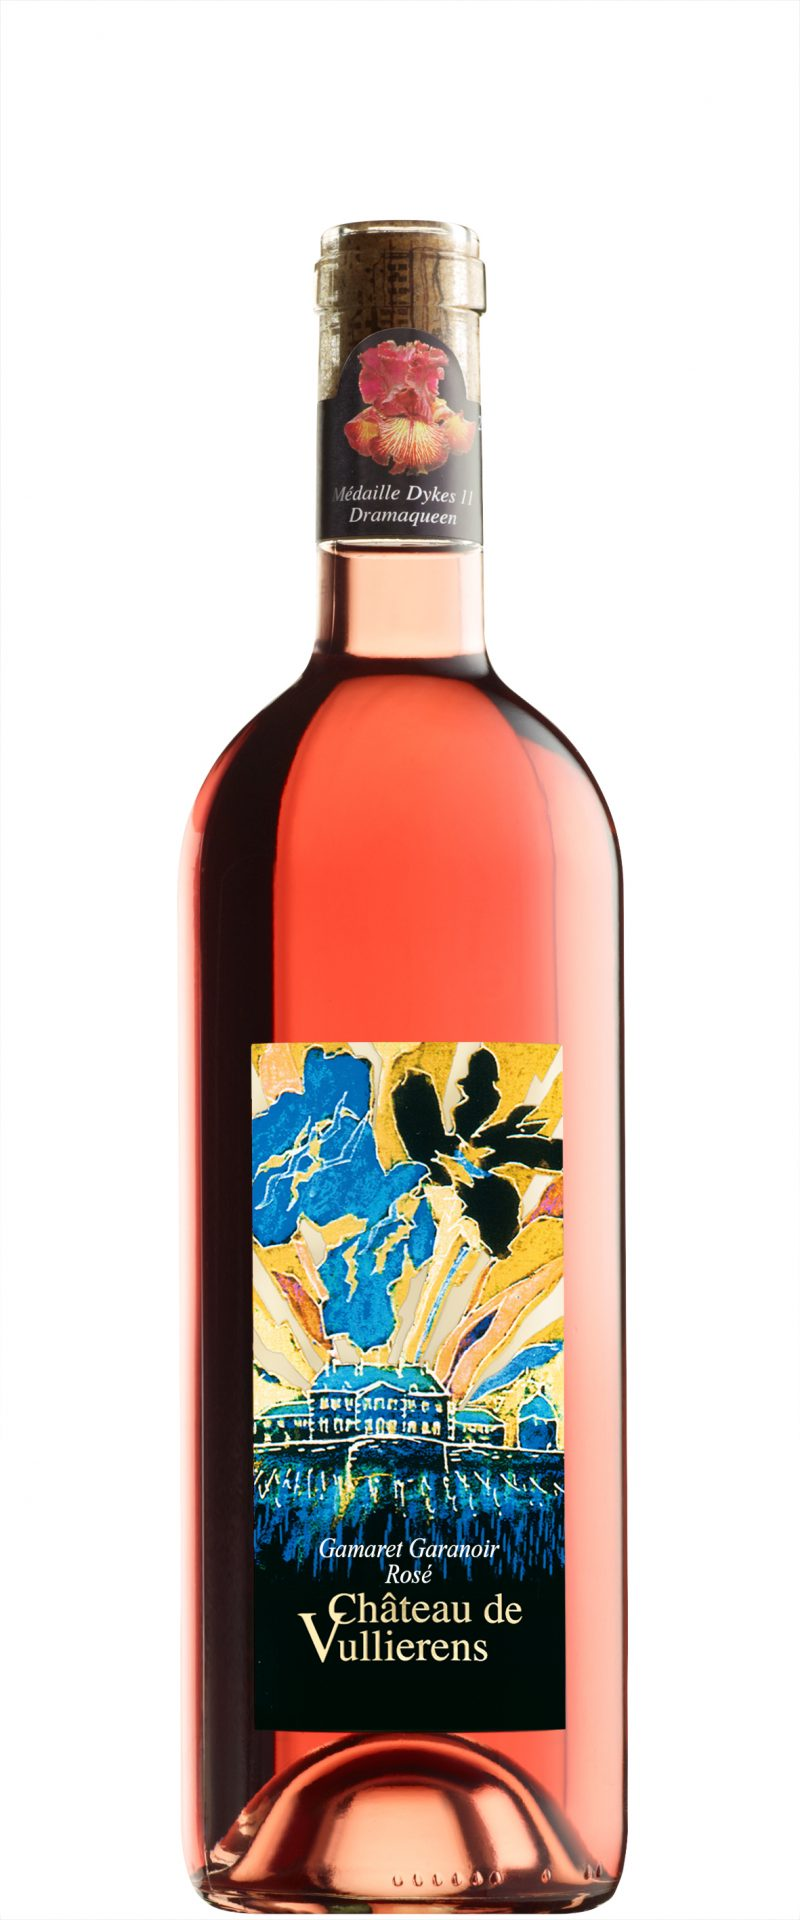 gamaret garanoir rose 2011 wht - Le domaine